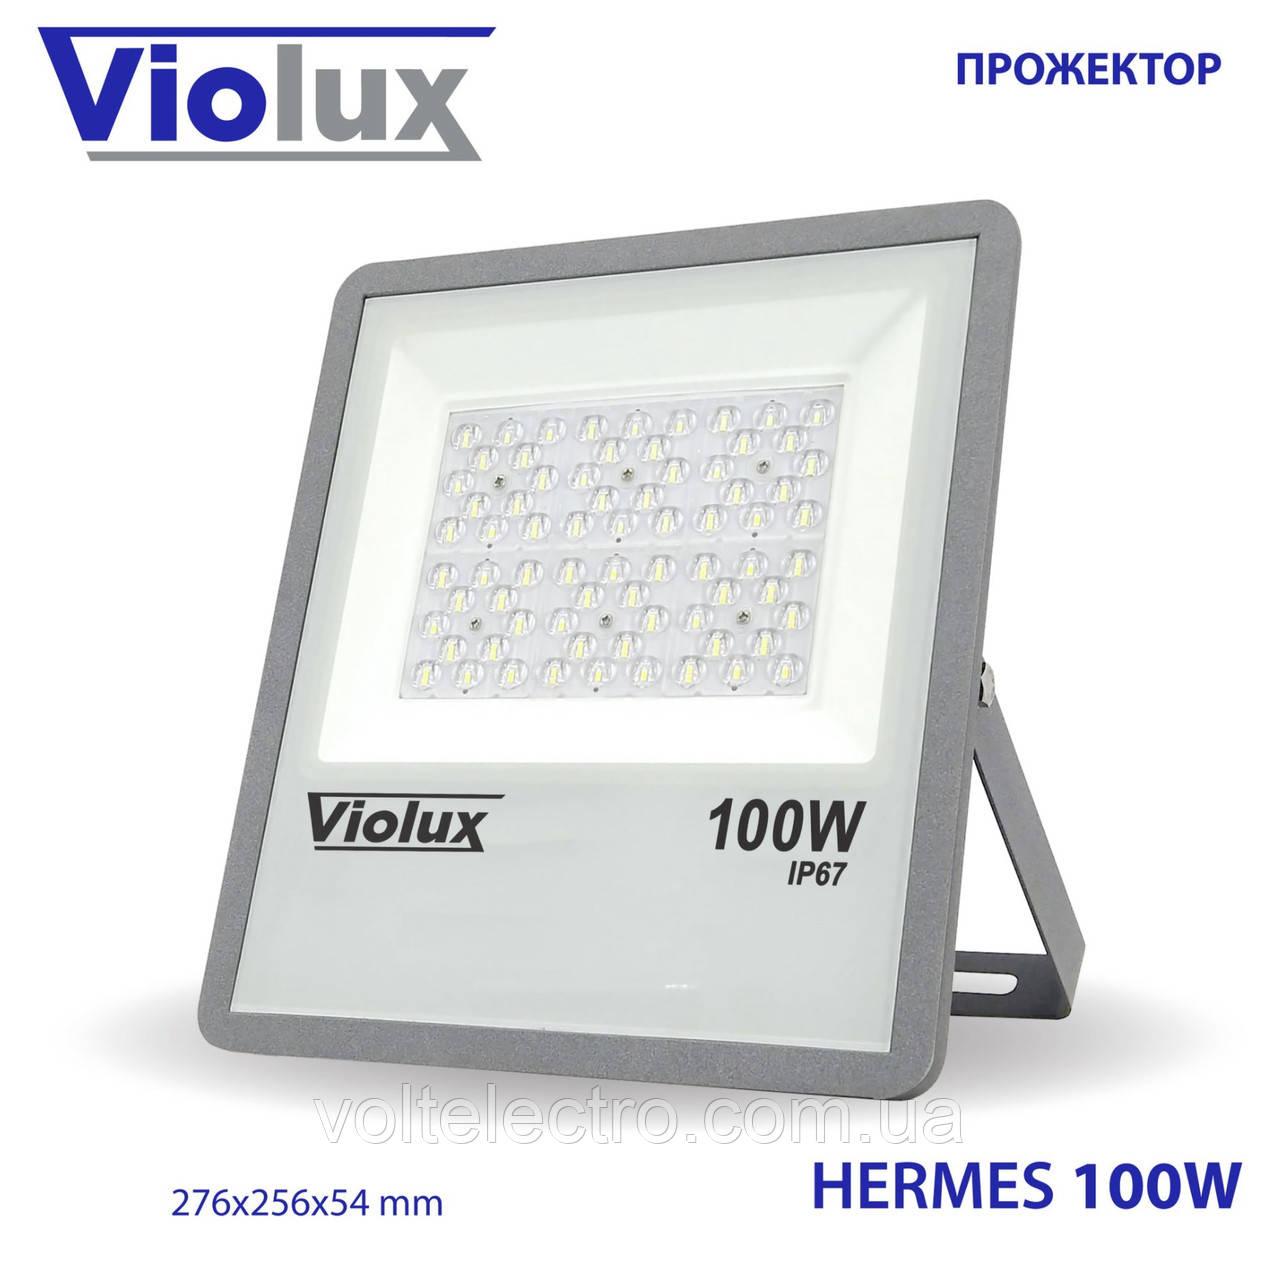 Прожектор LED  HERMES 100W SMD 60K 10 000Lm IP67 Violux